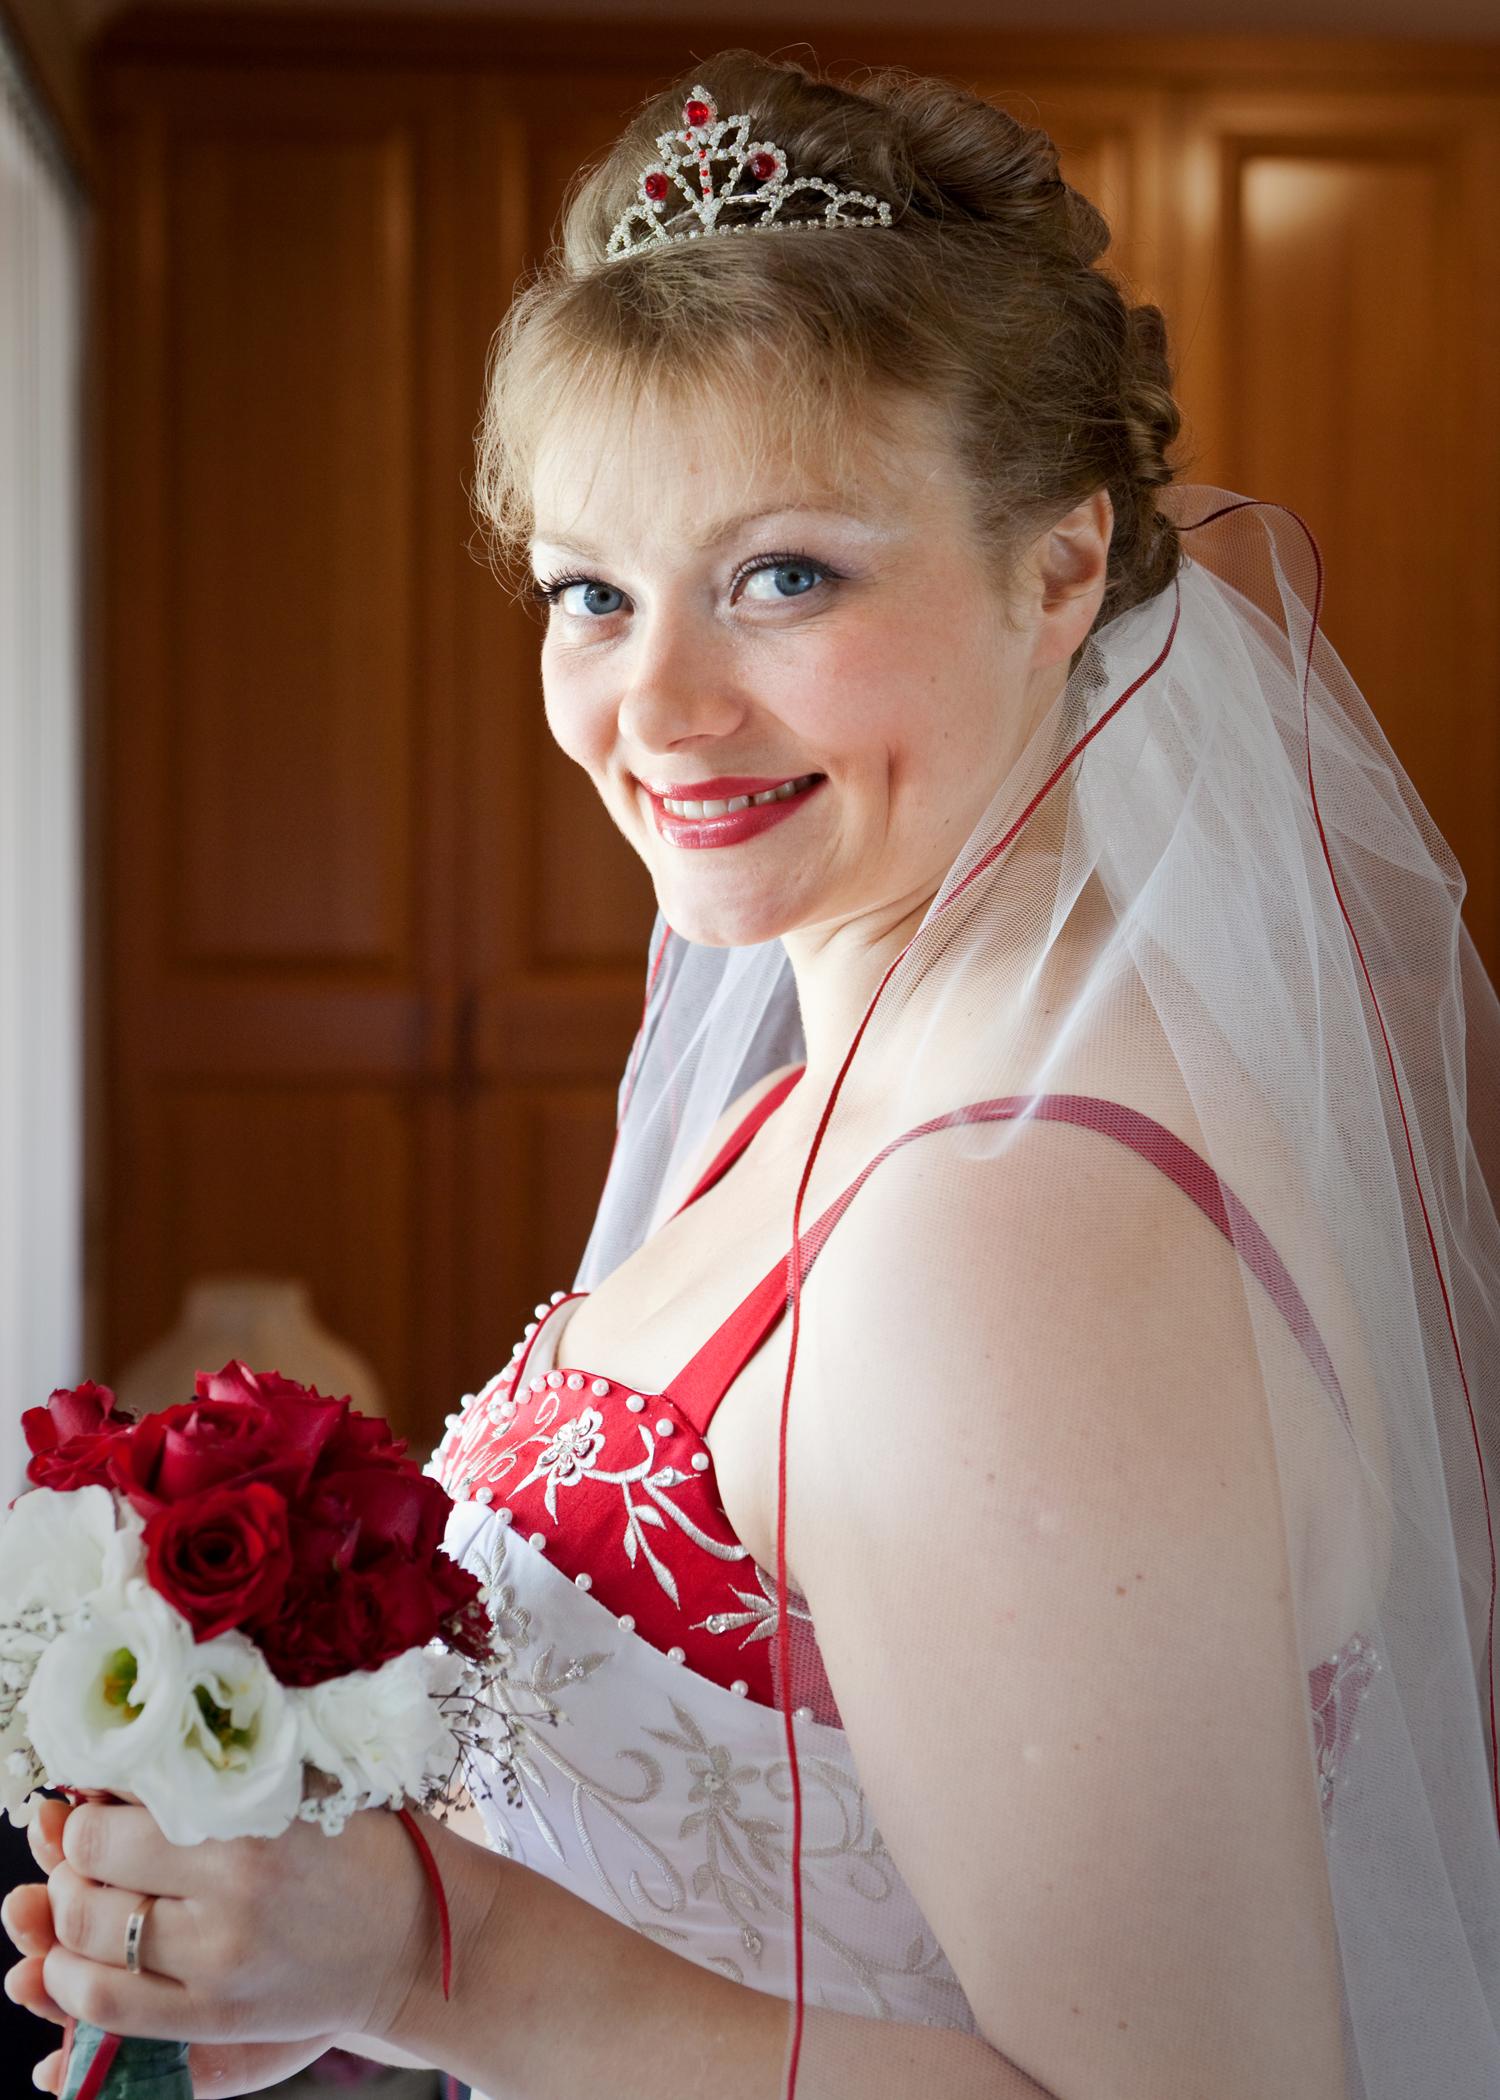 wedding-photography-Sydney-Australia-Sydney-Opera-House_11.jpg